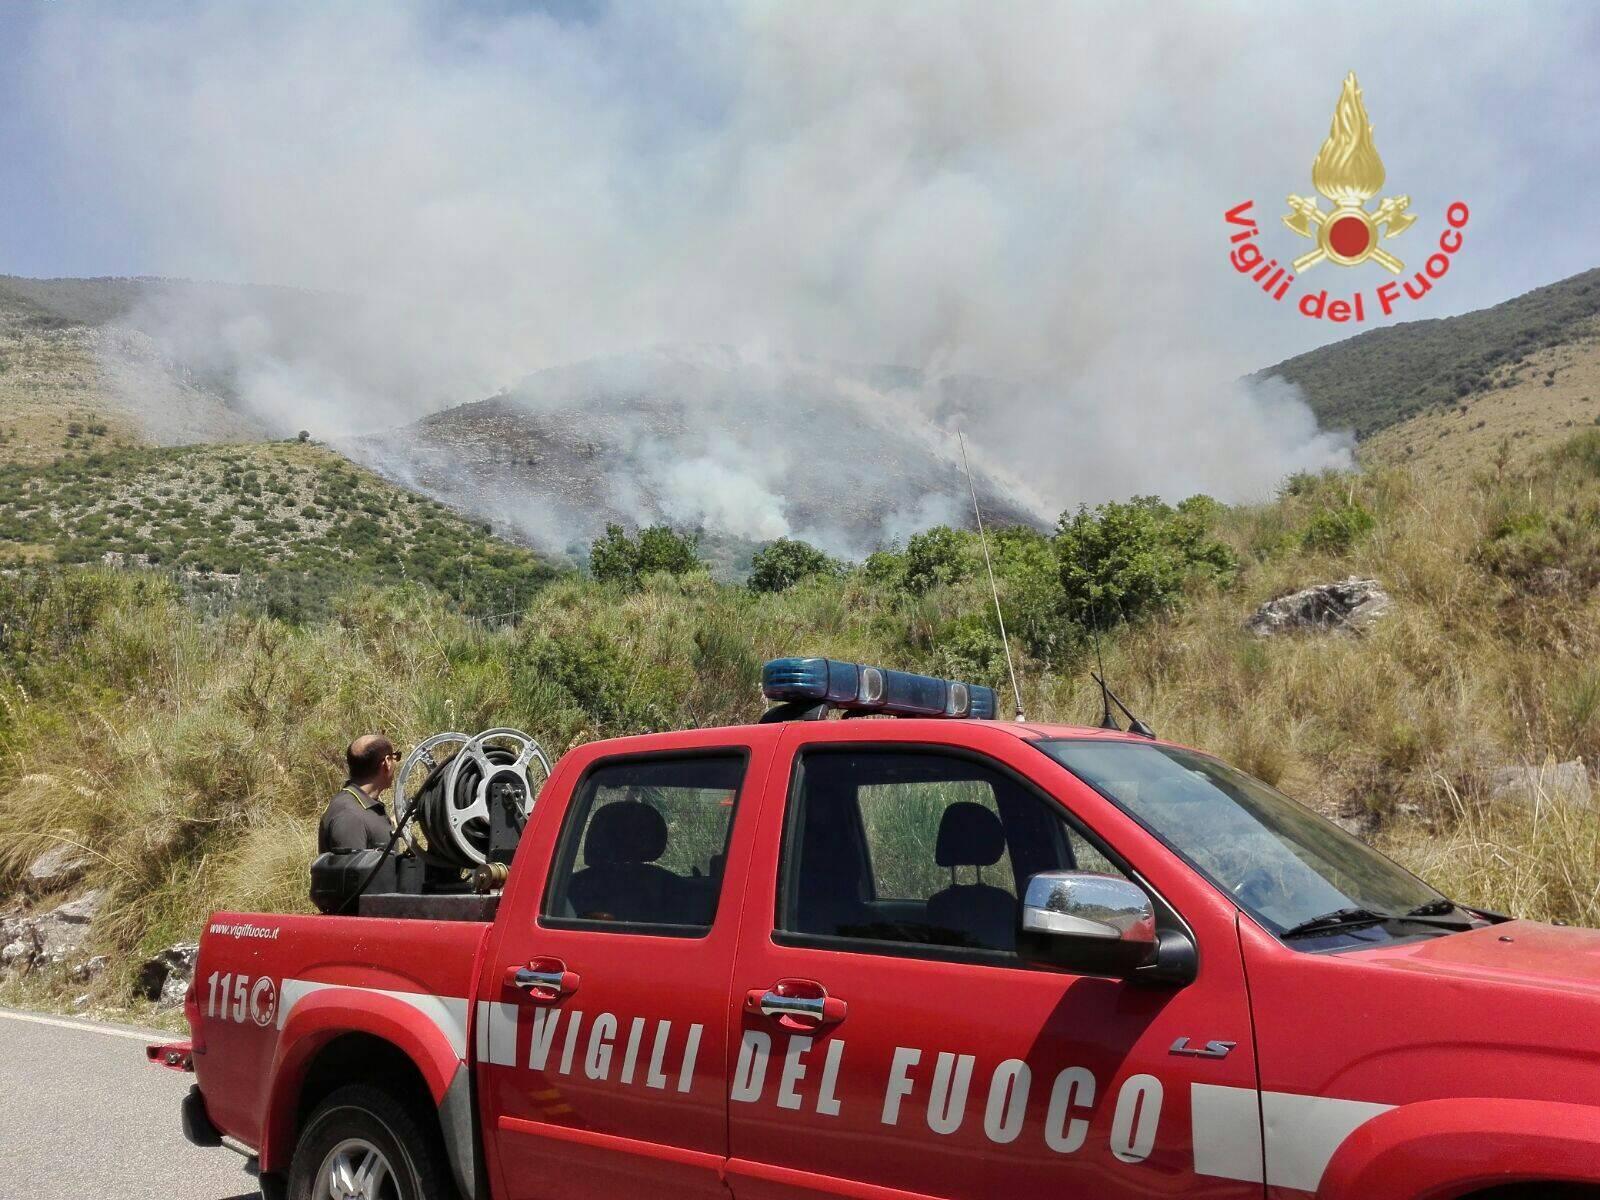 Incendi: fiamme nel palermitano, vigili del fuoco e forestali in azione (2)